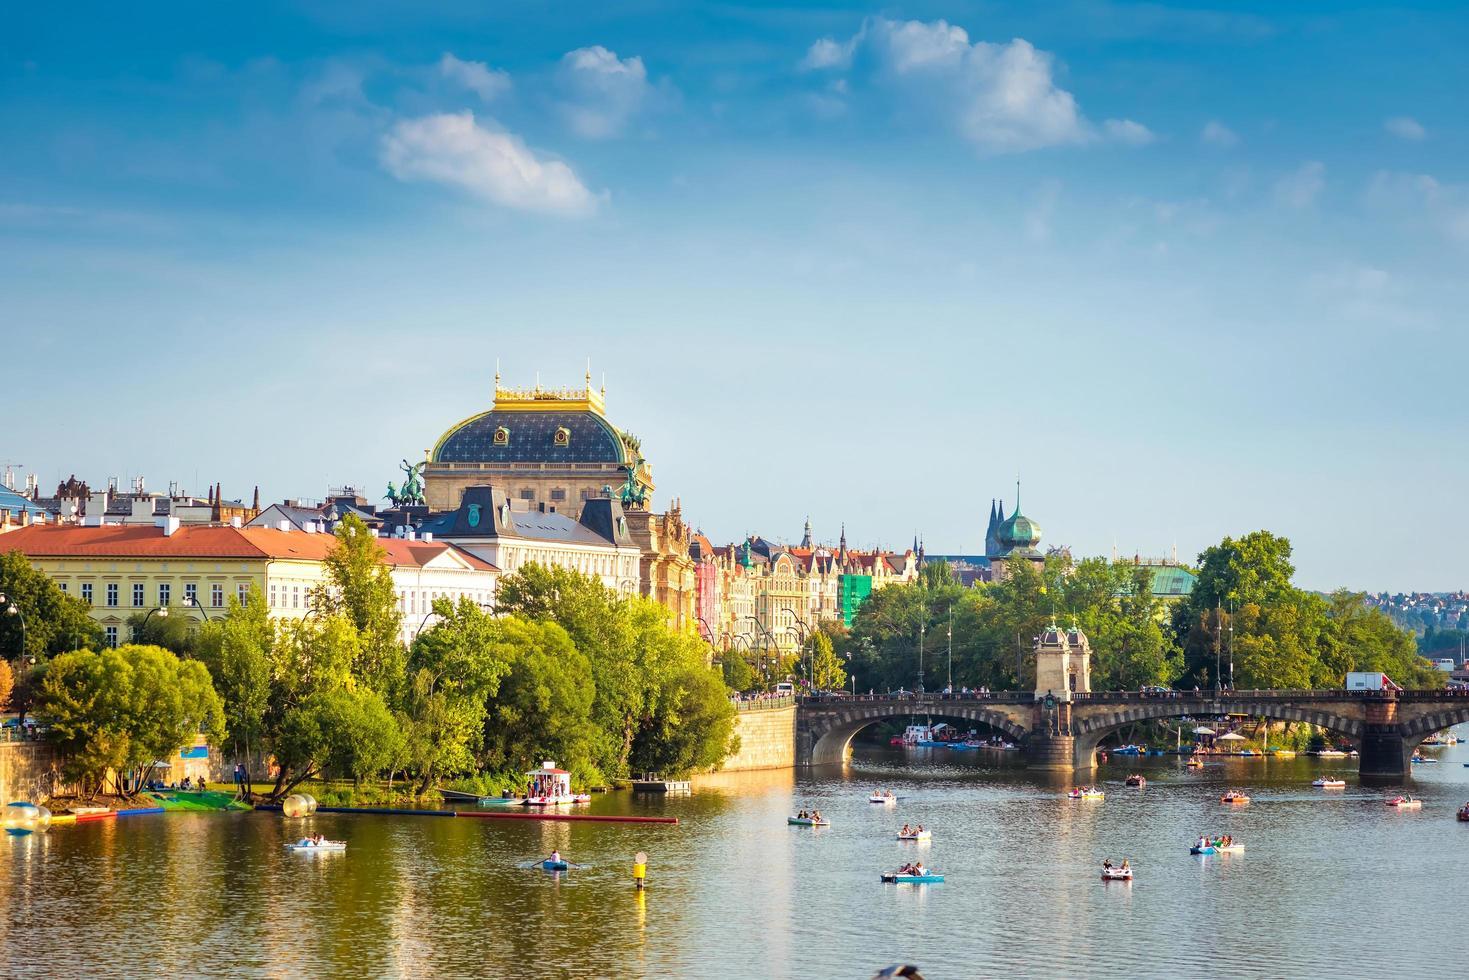 Praga, República Checa 2016 - Teatro Nacional de Praga a lo largo del río Vltava foto